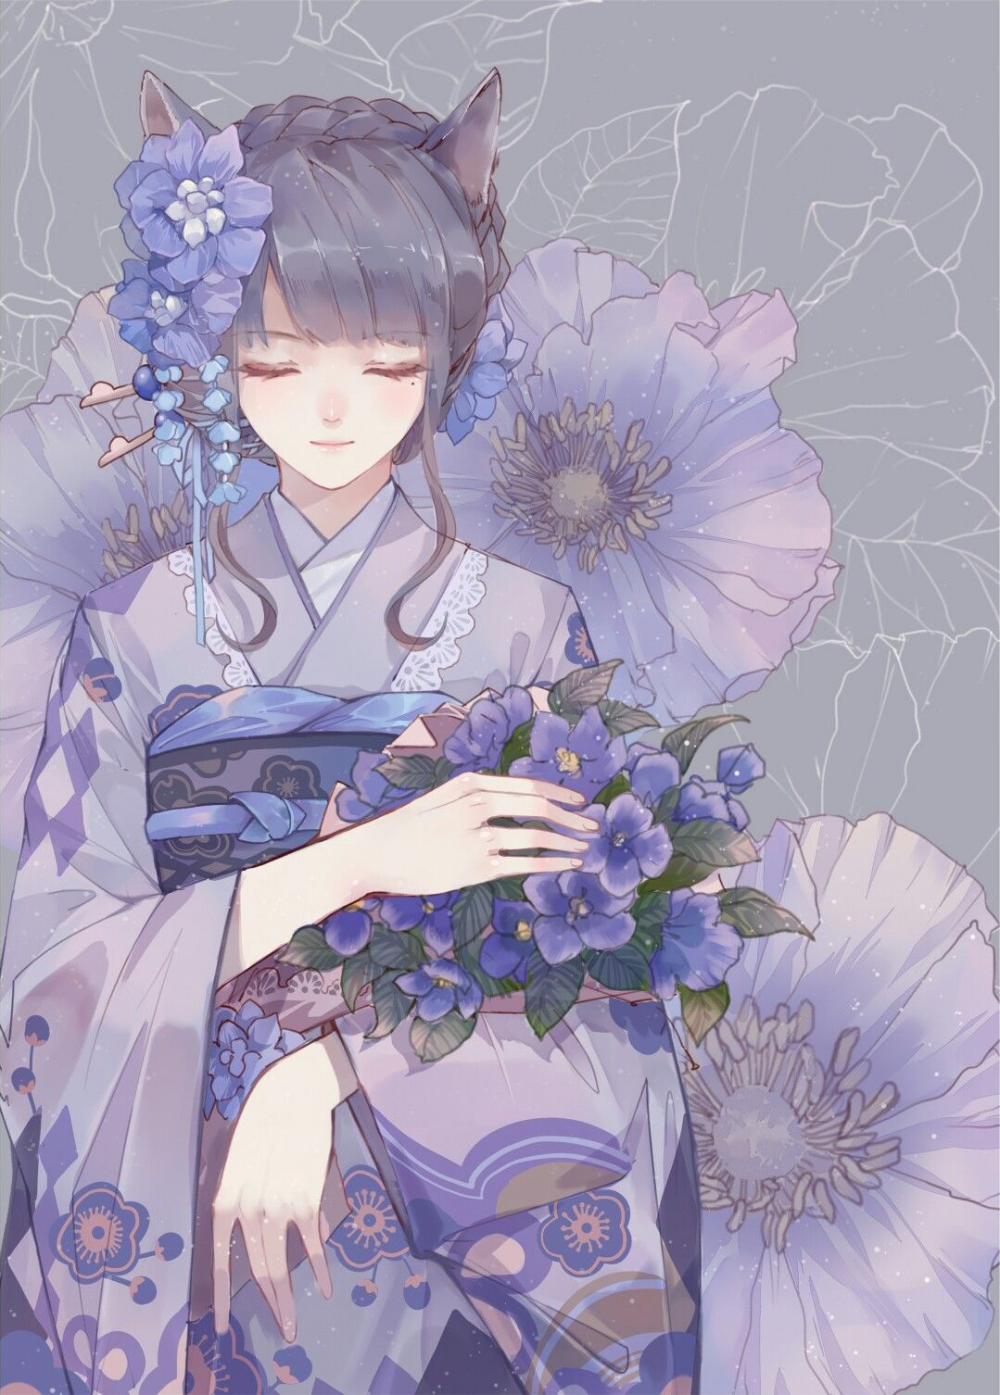 anime cổ trang nữ lạnh lùng - Google Tìm kiếm | Anime angel, Anime, Manga  anime